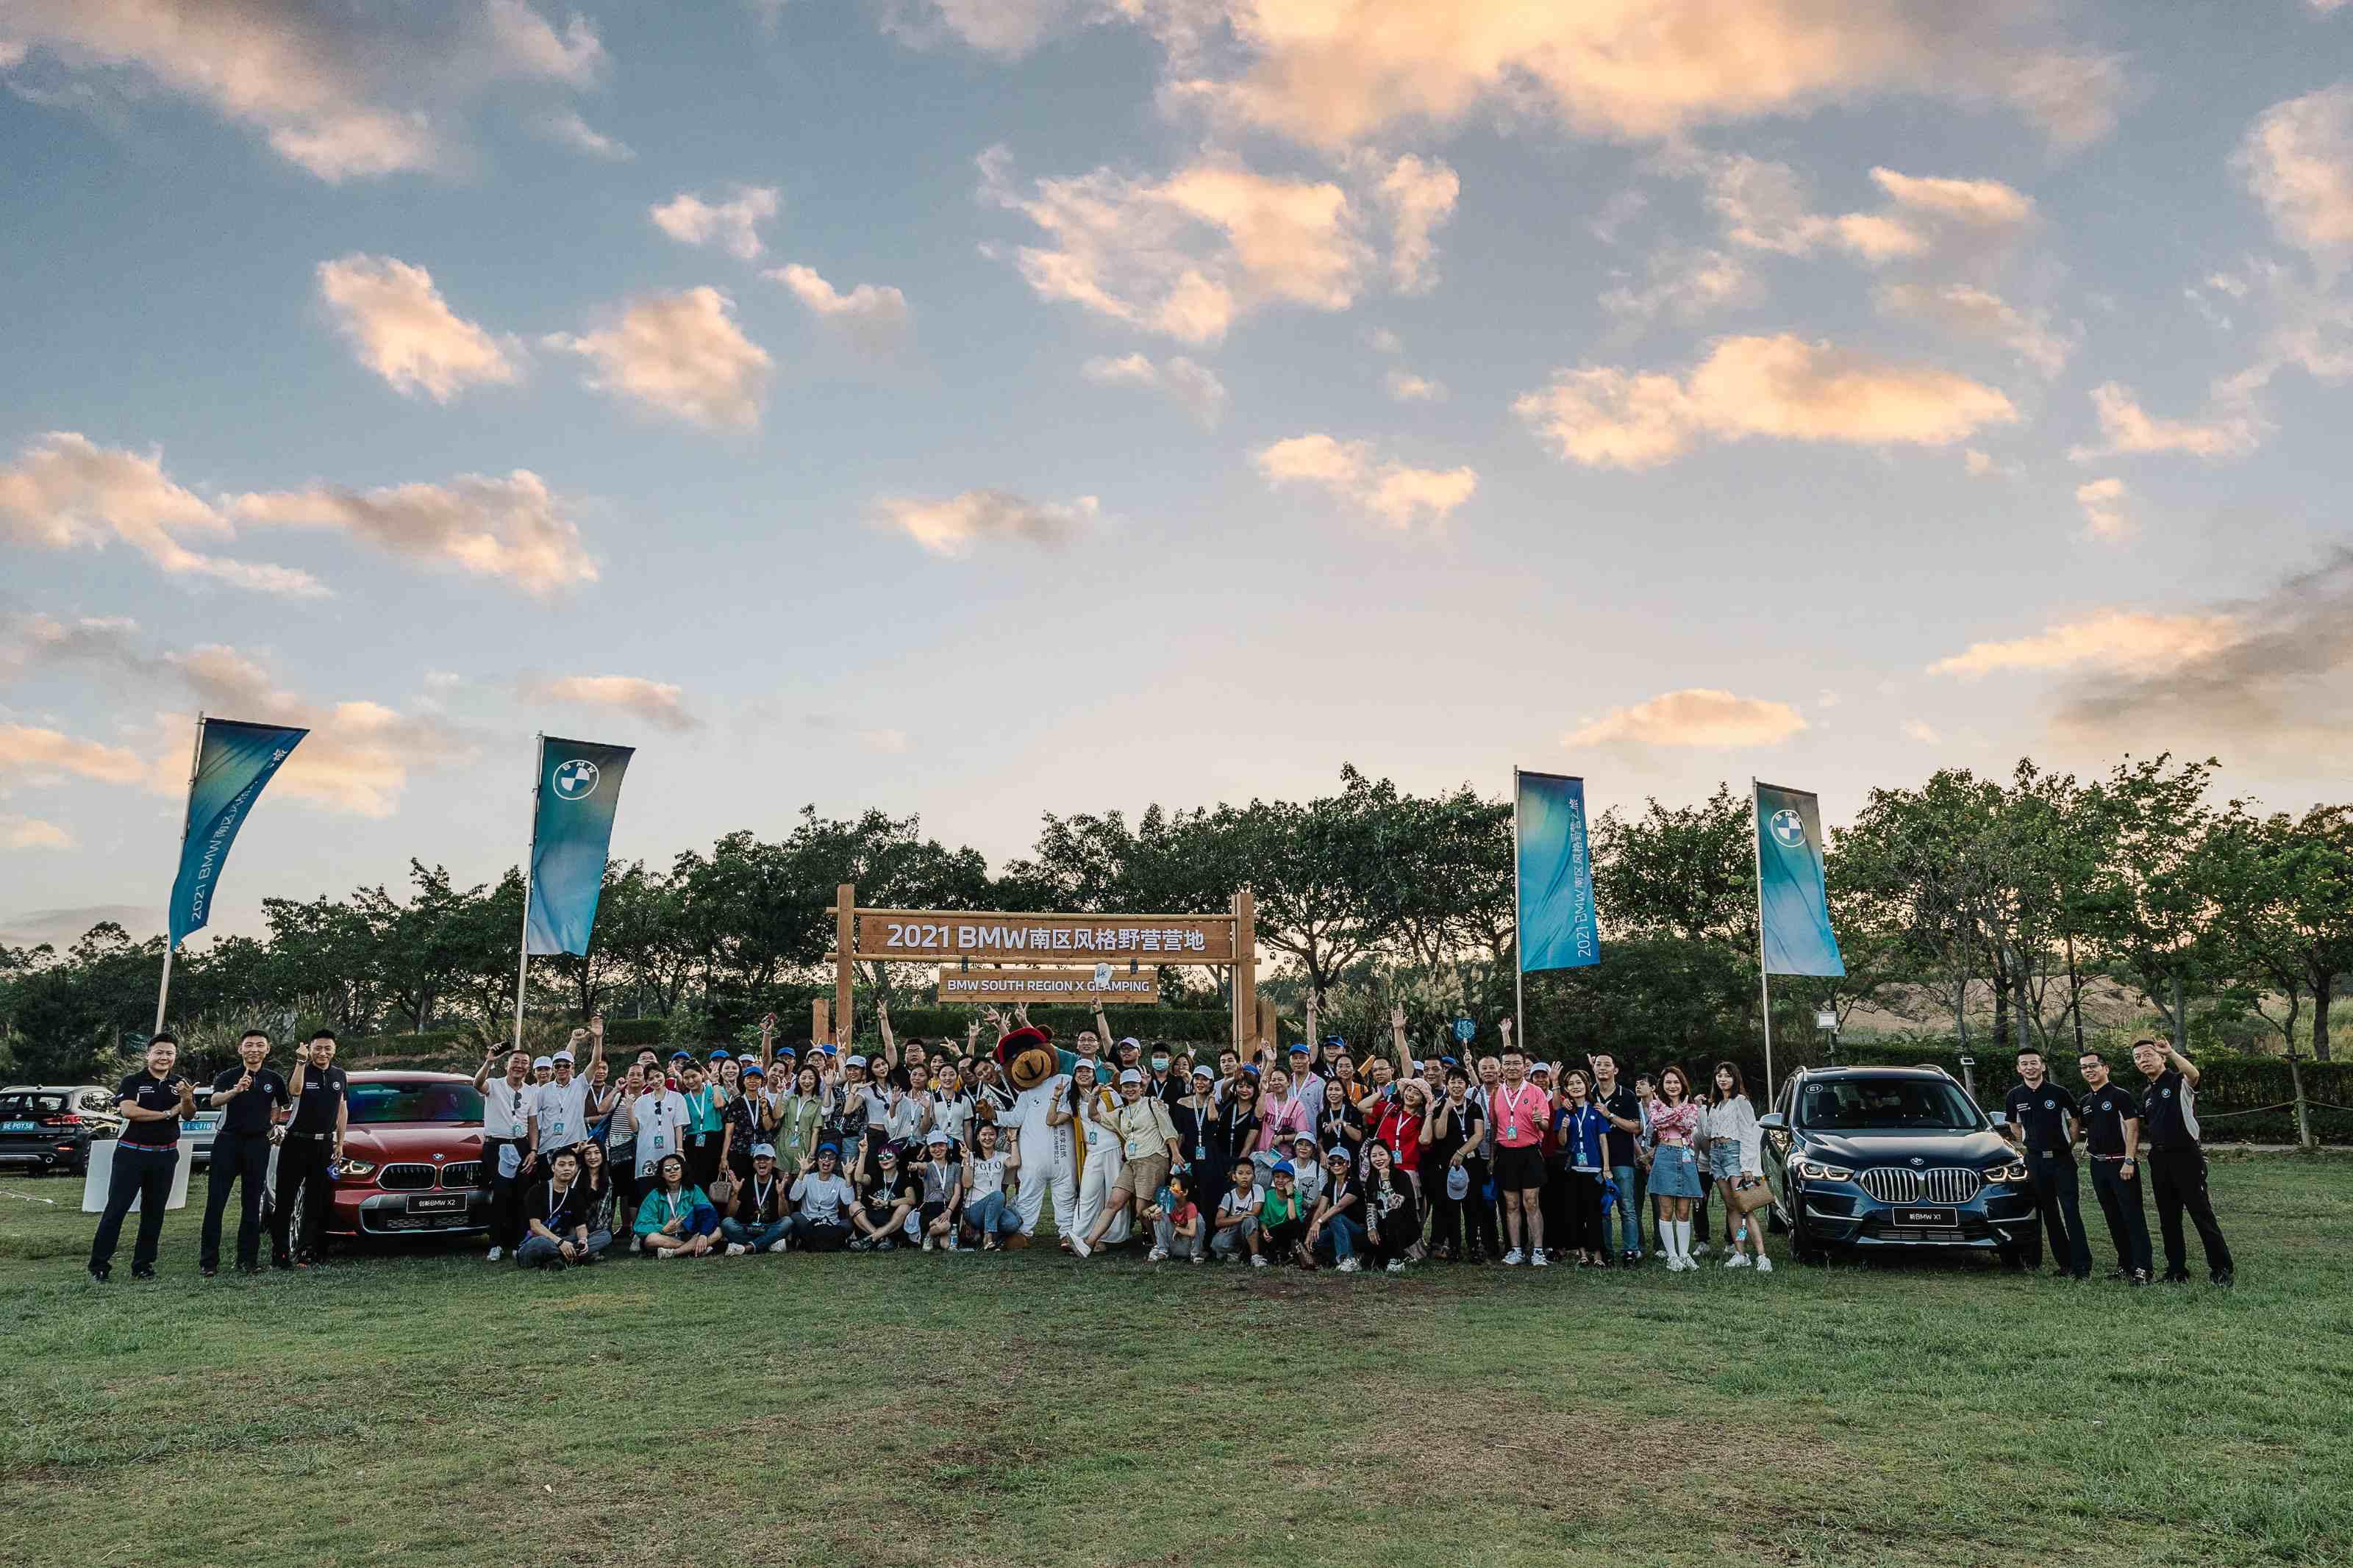 2021 BMW南区风格野营之旅圆满收官